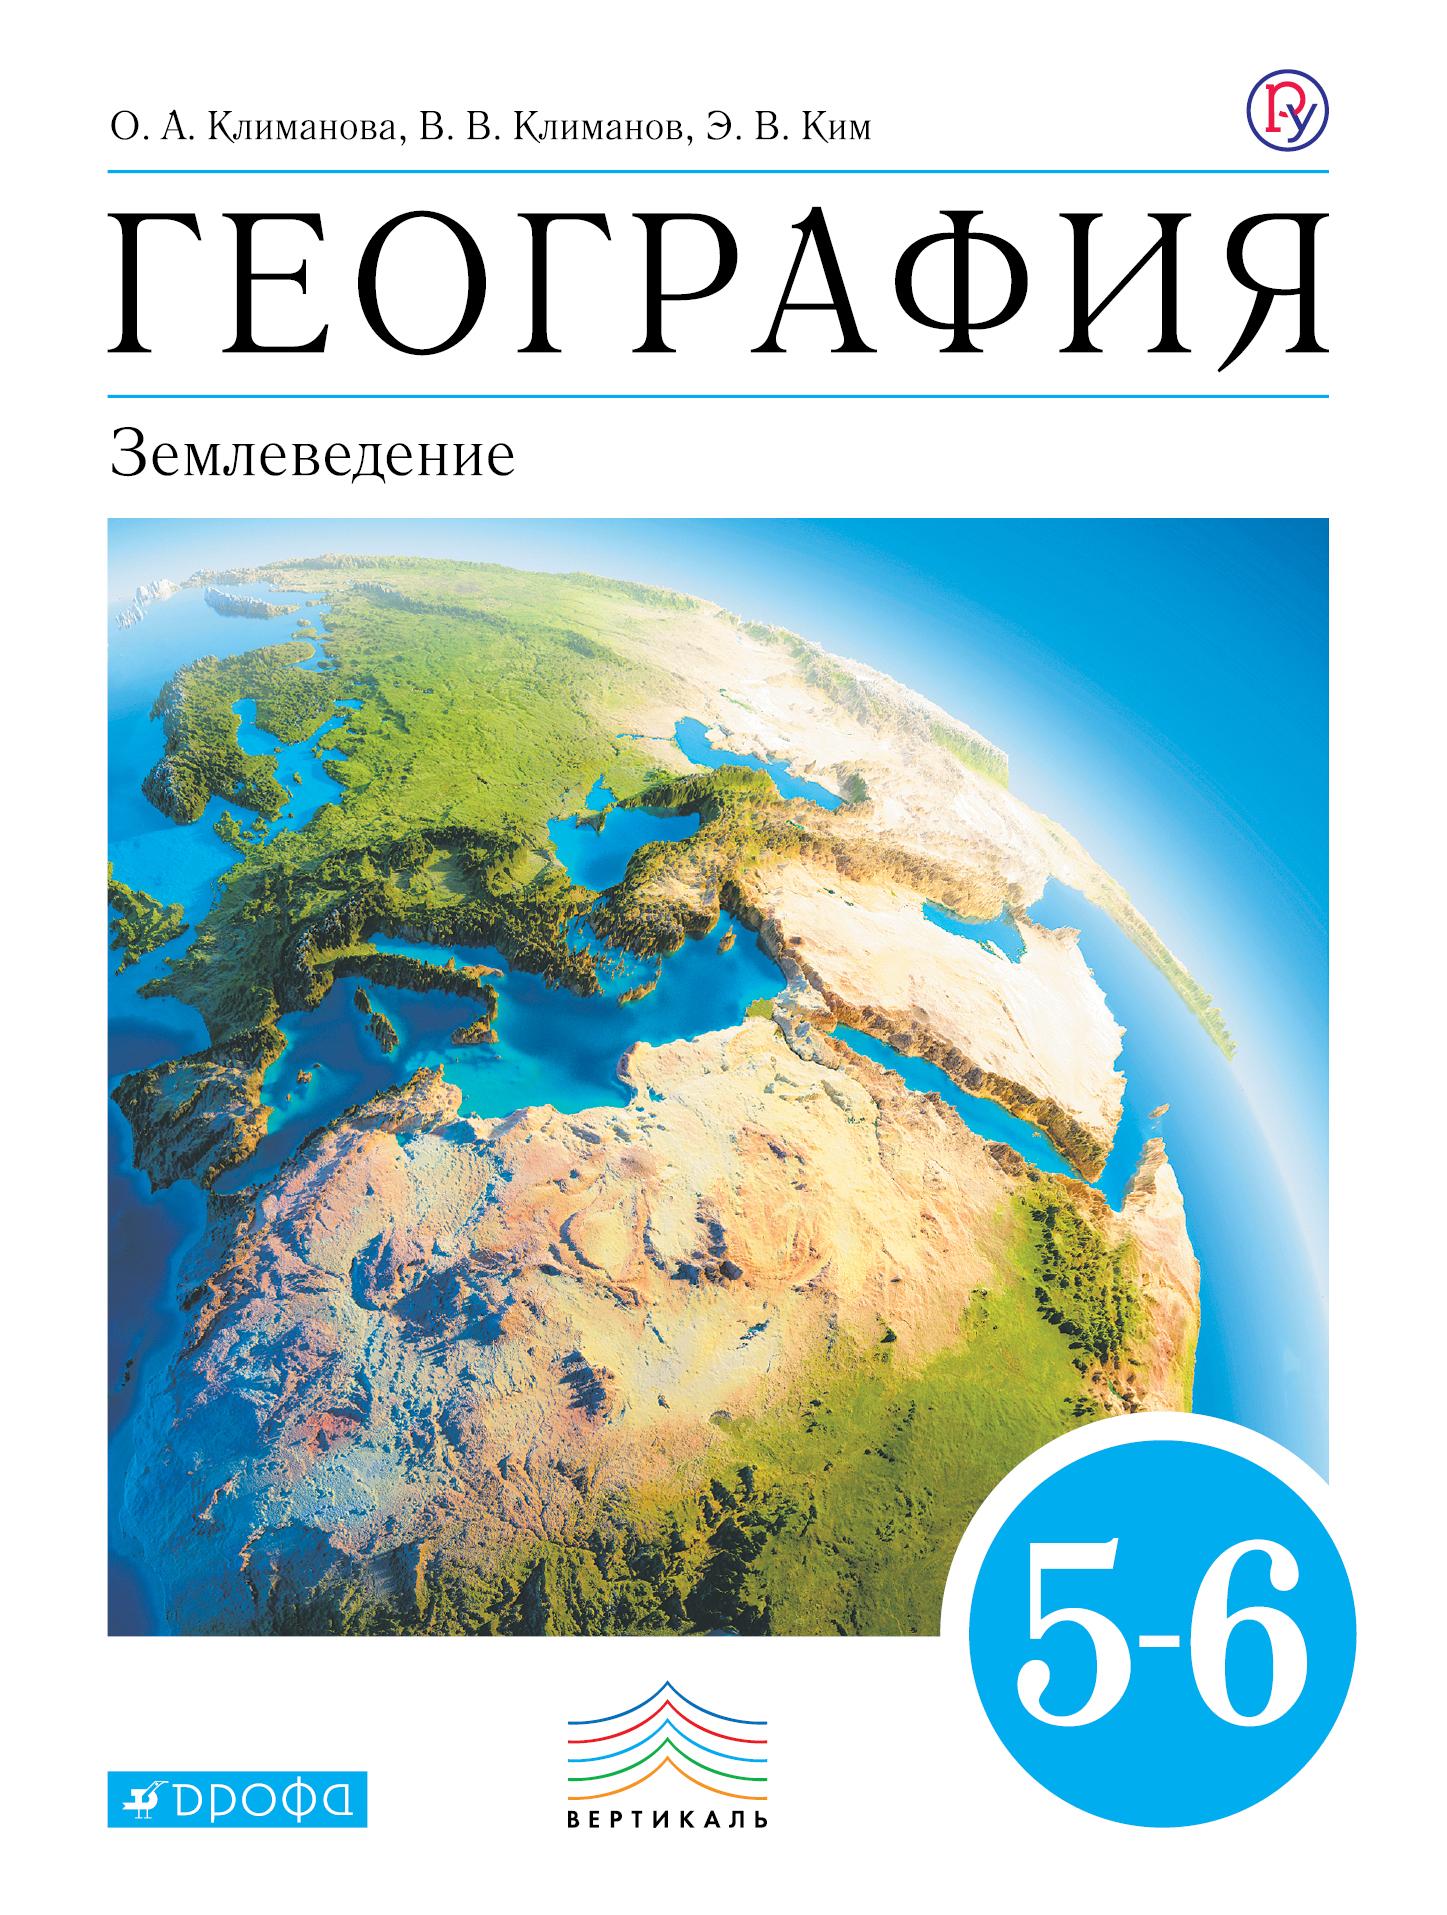 Землеведение. География. 5–6 классы. Учебник